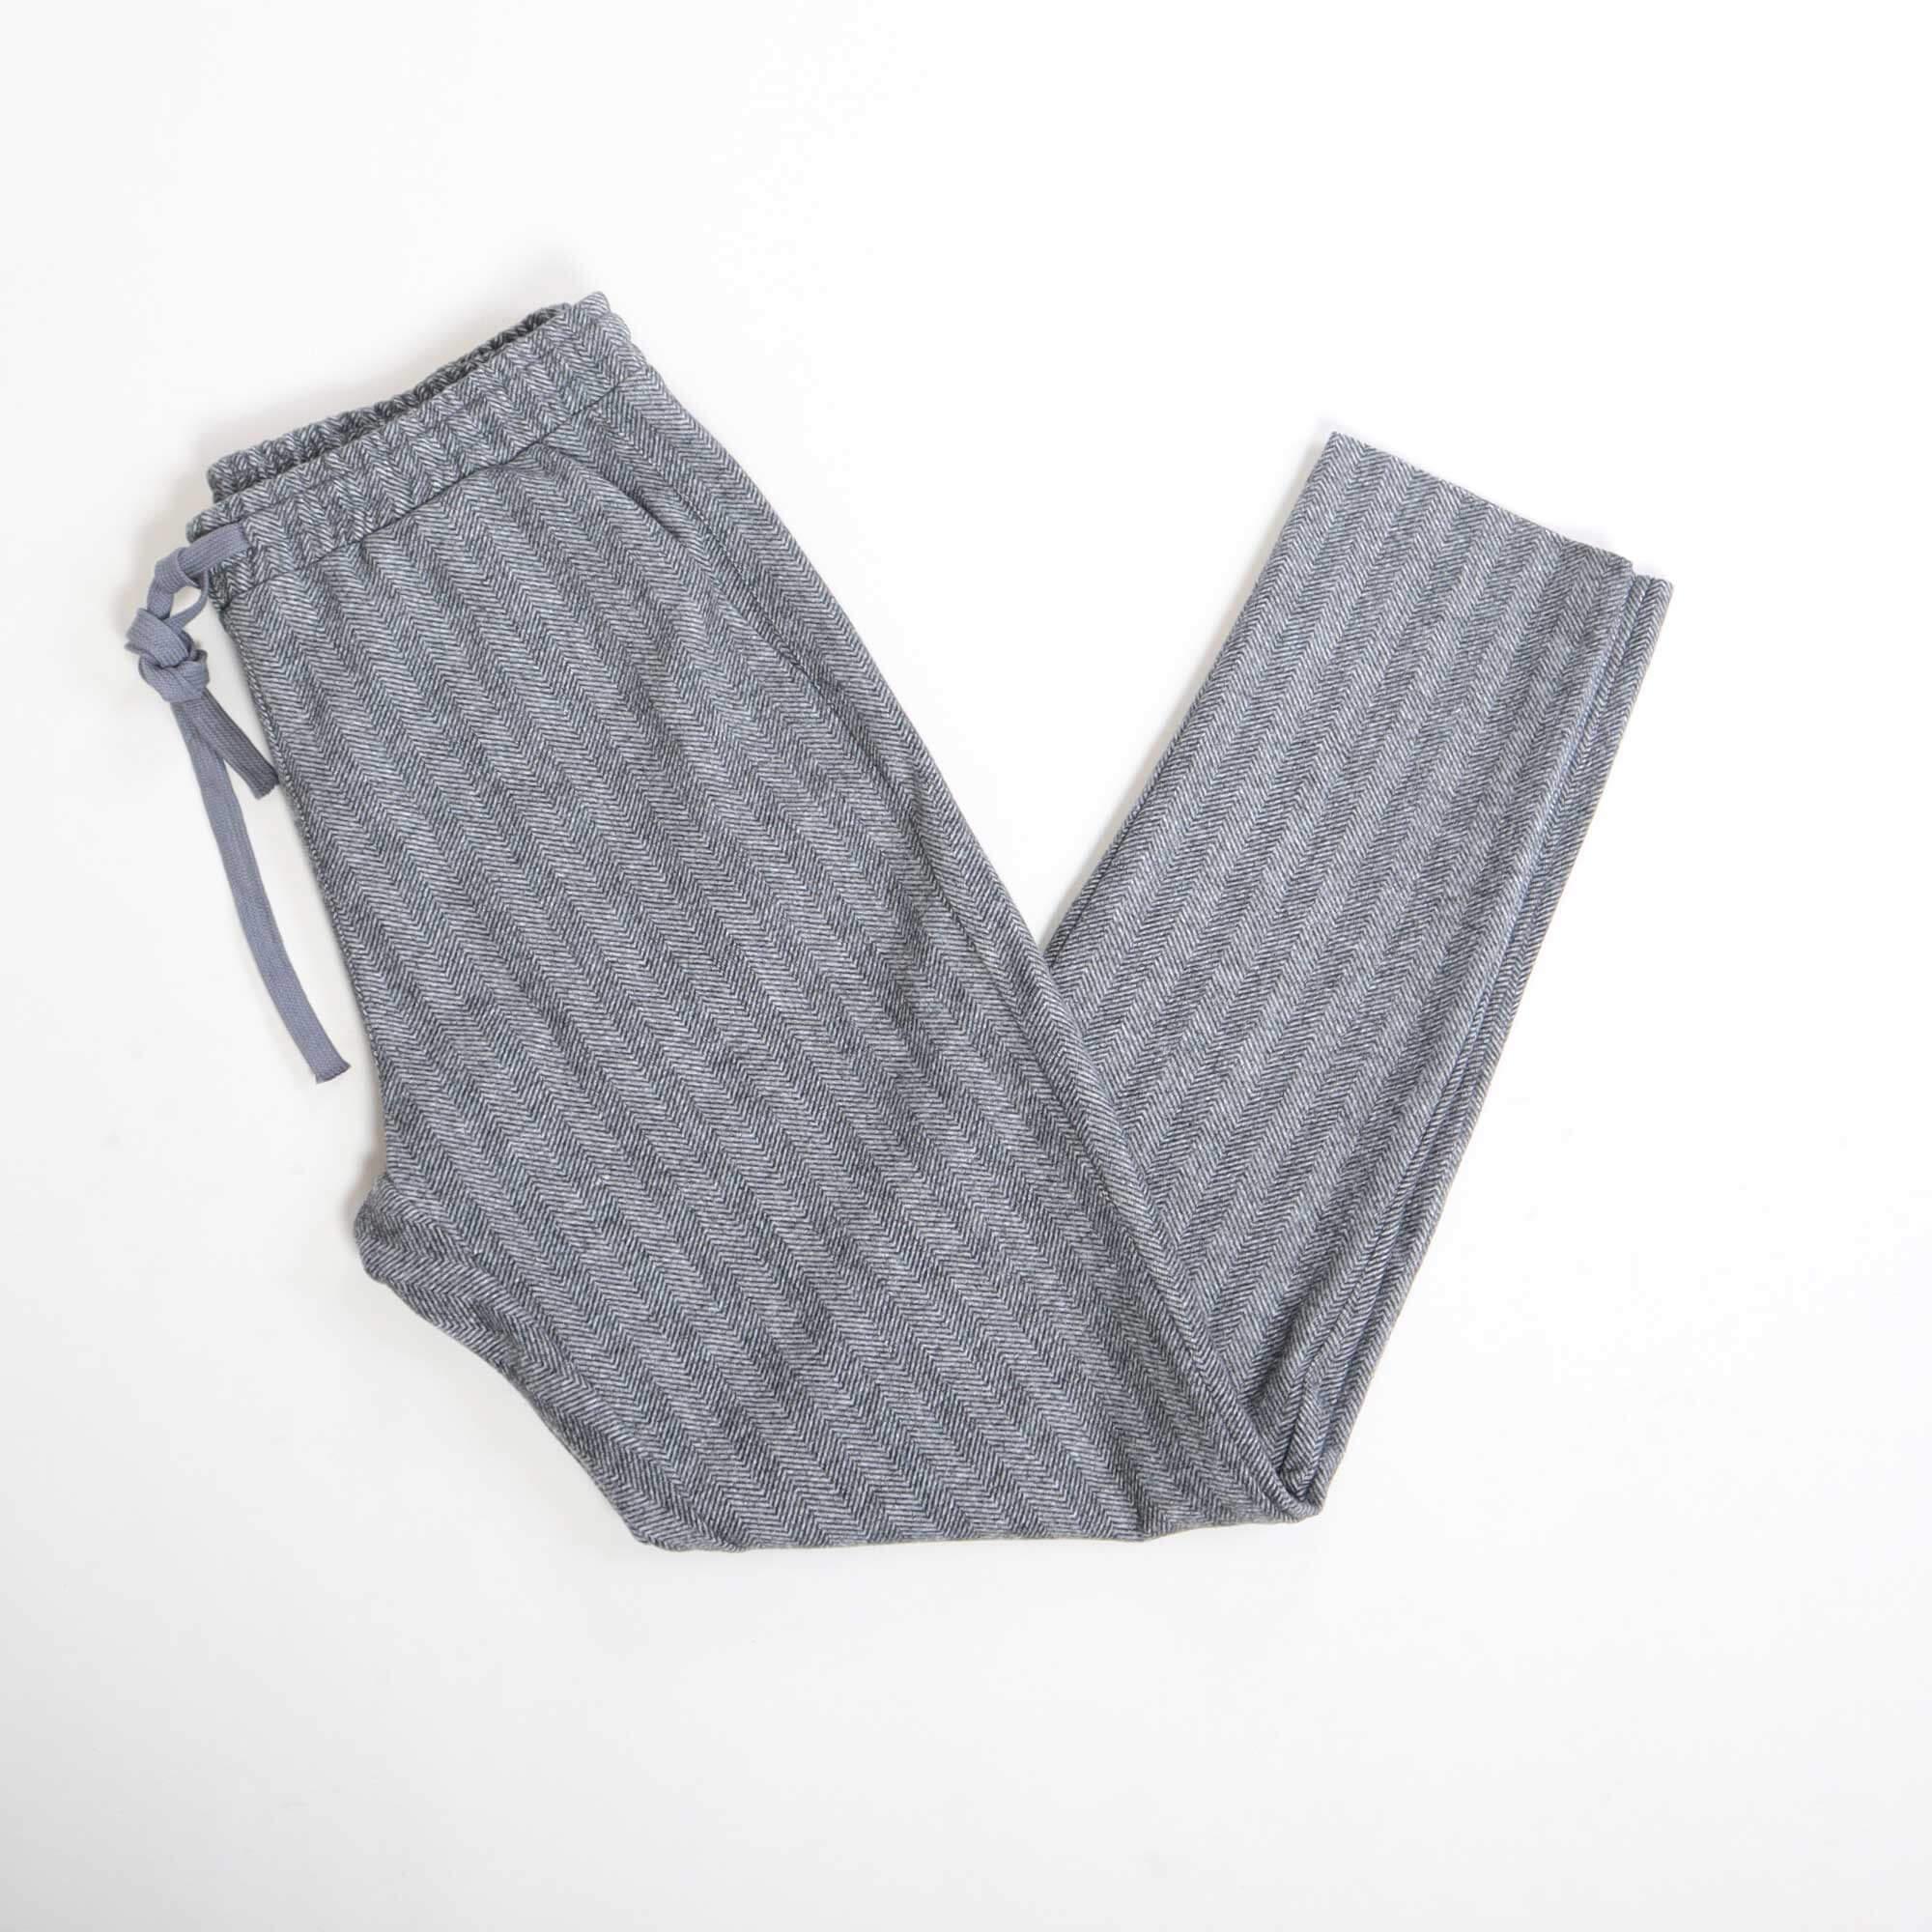 pants-grey-4